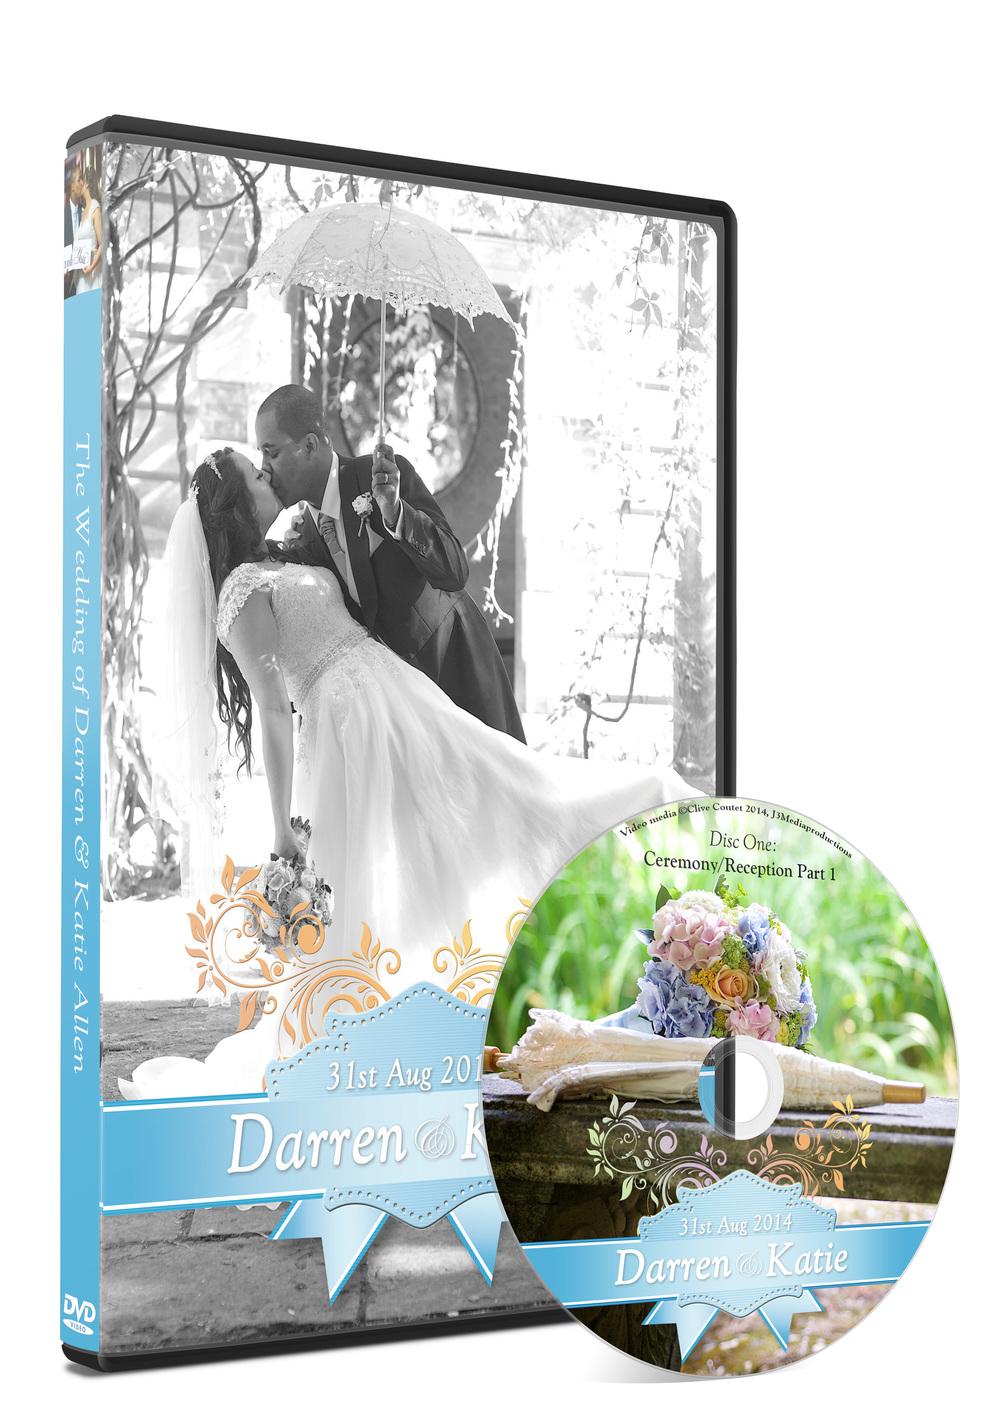 Darren & Katie's DVD.jpg